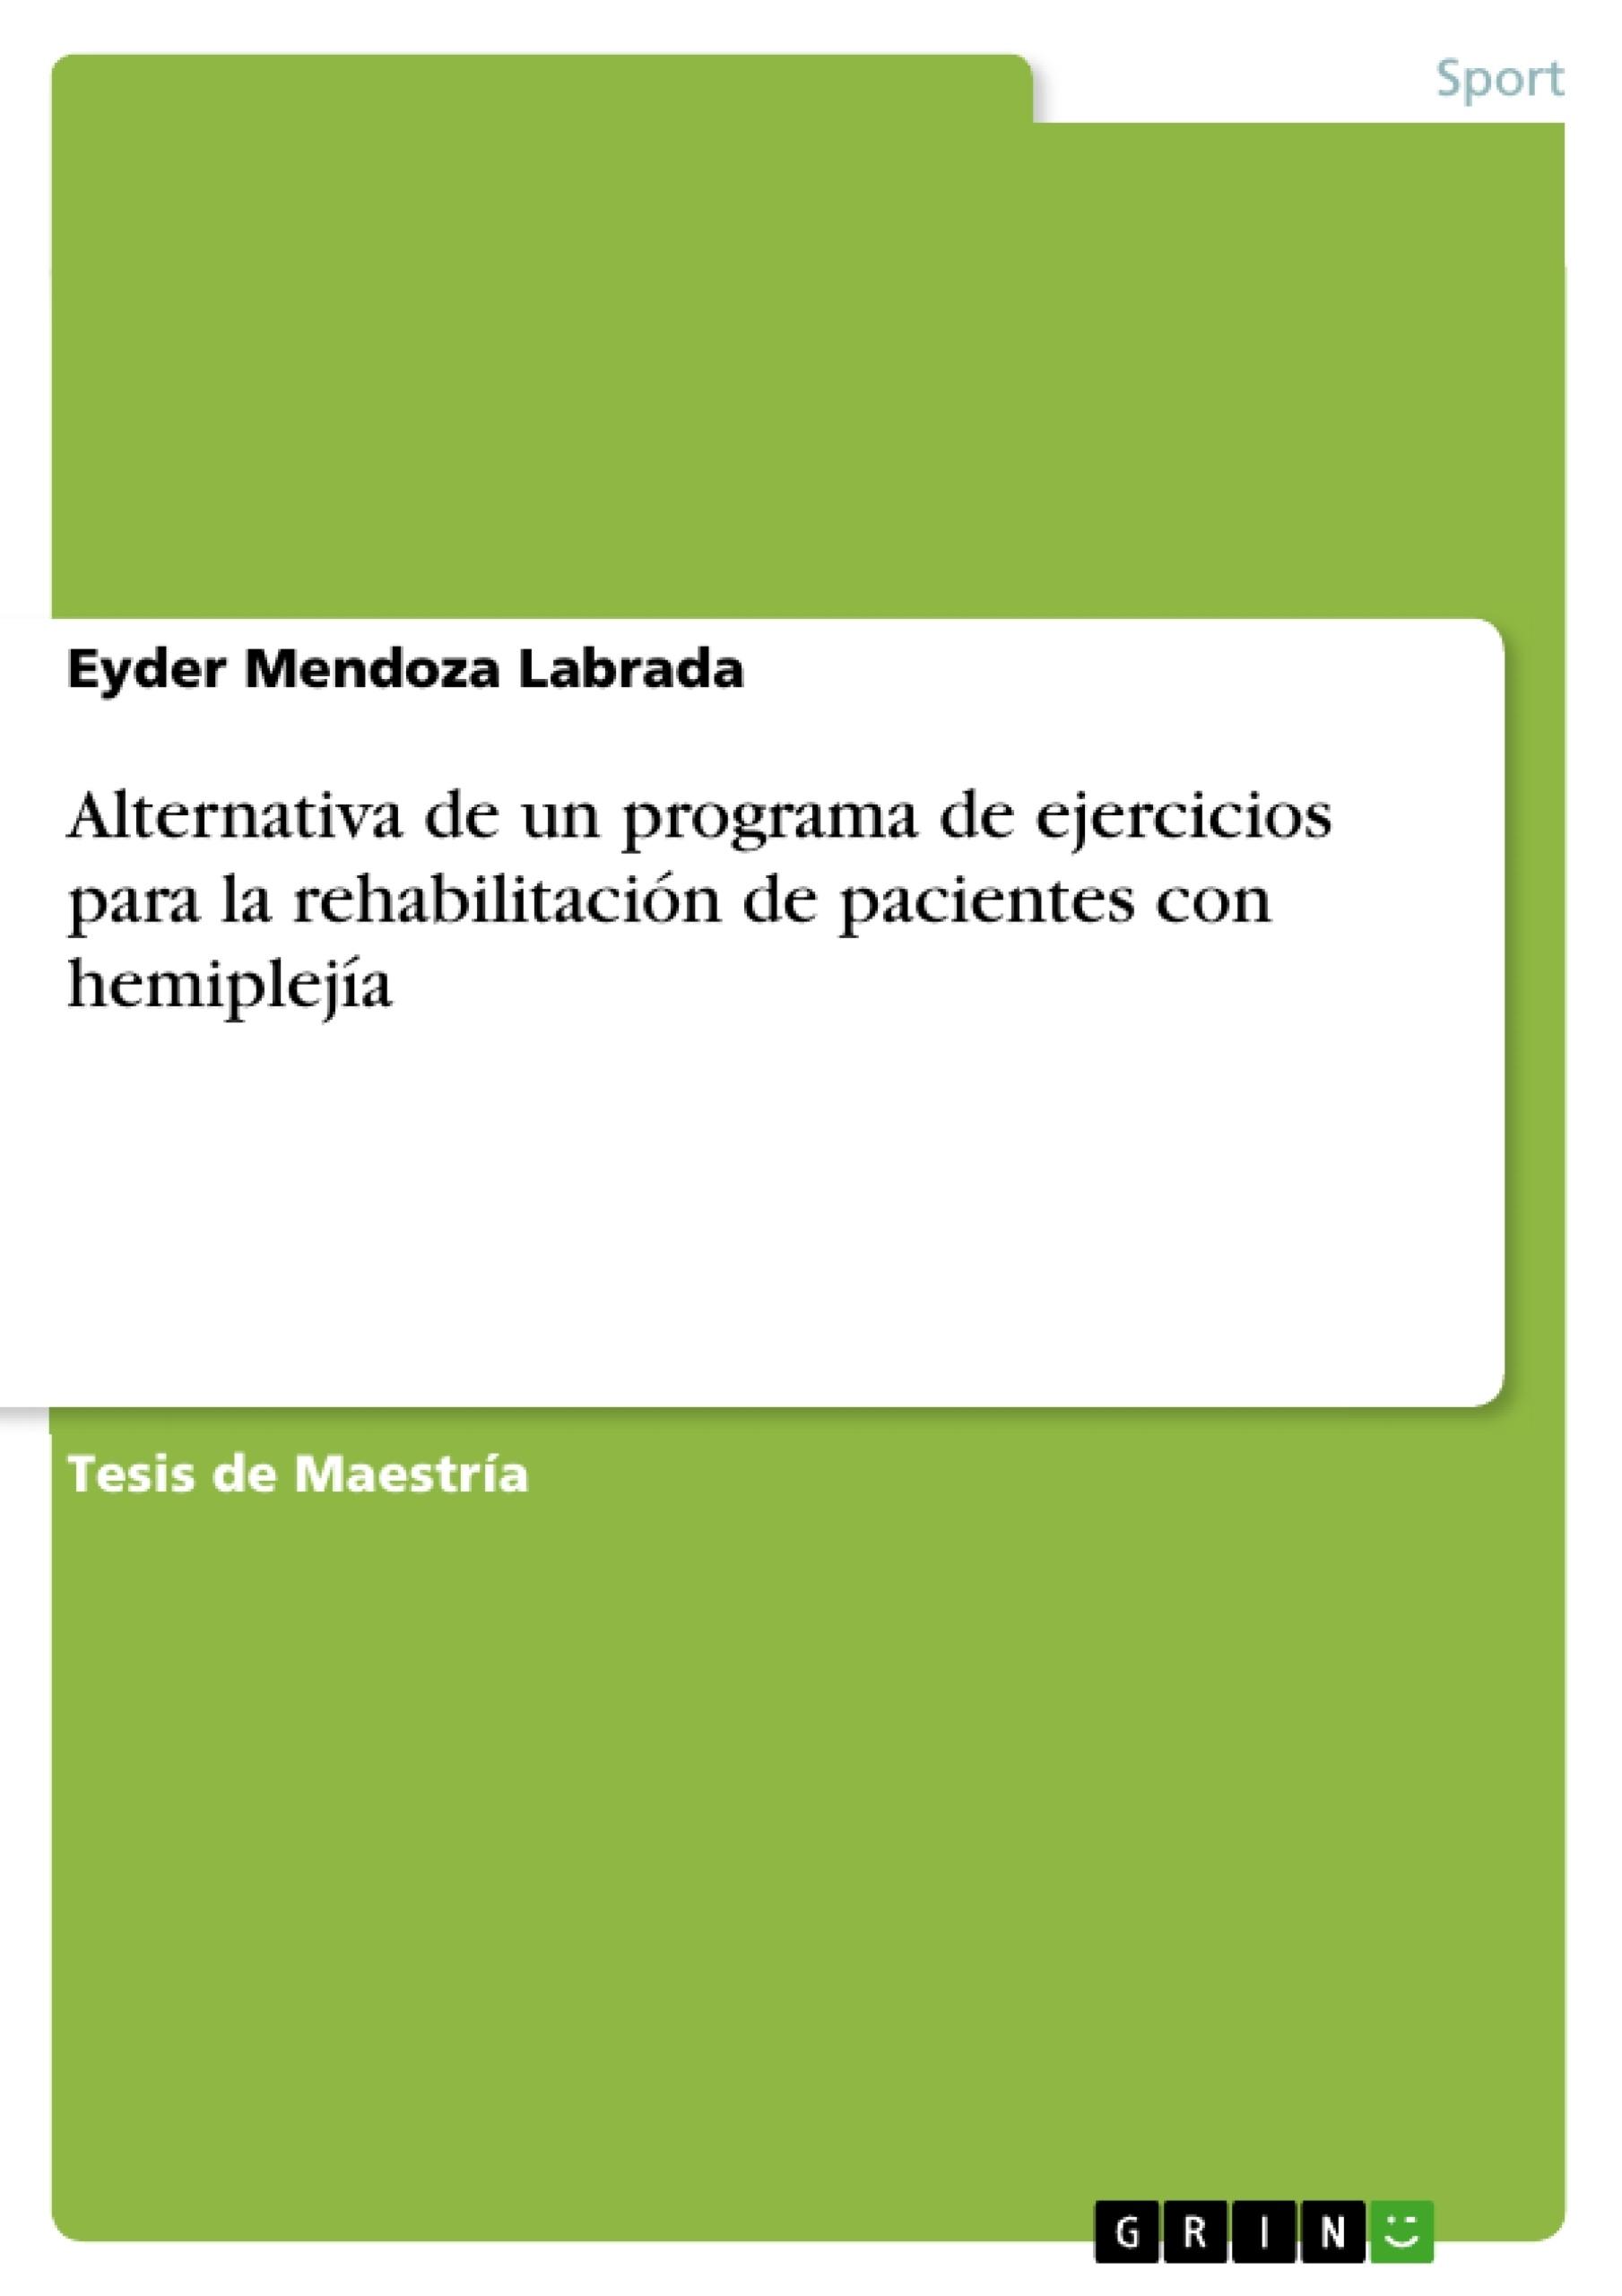 Título: Alternativa de un programa de ejercicios para la rehabilitación de pacientes con hemiplejía